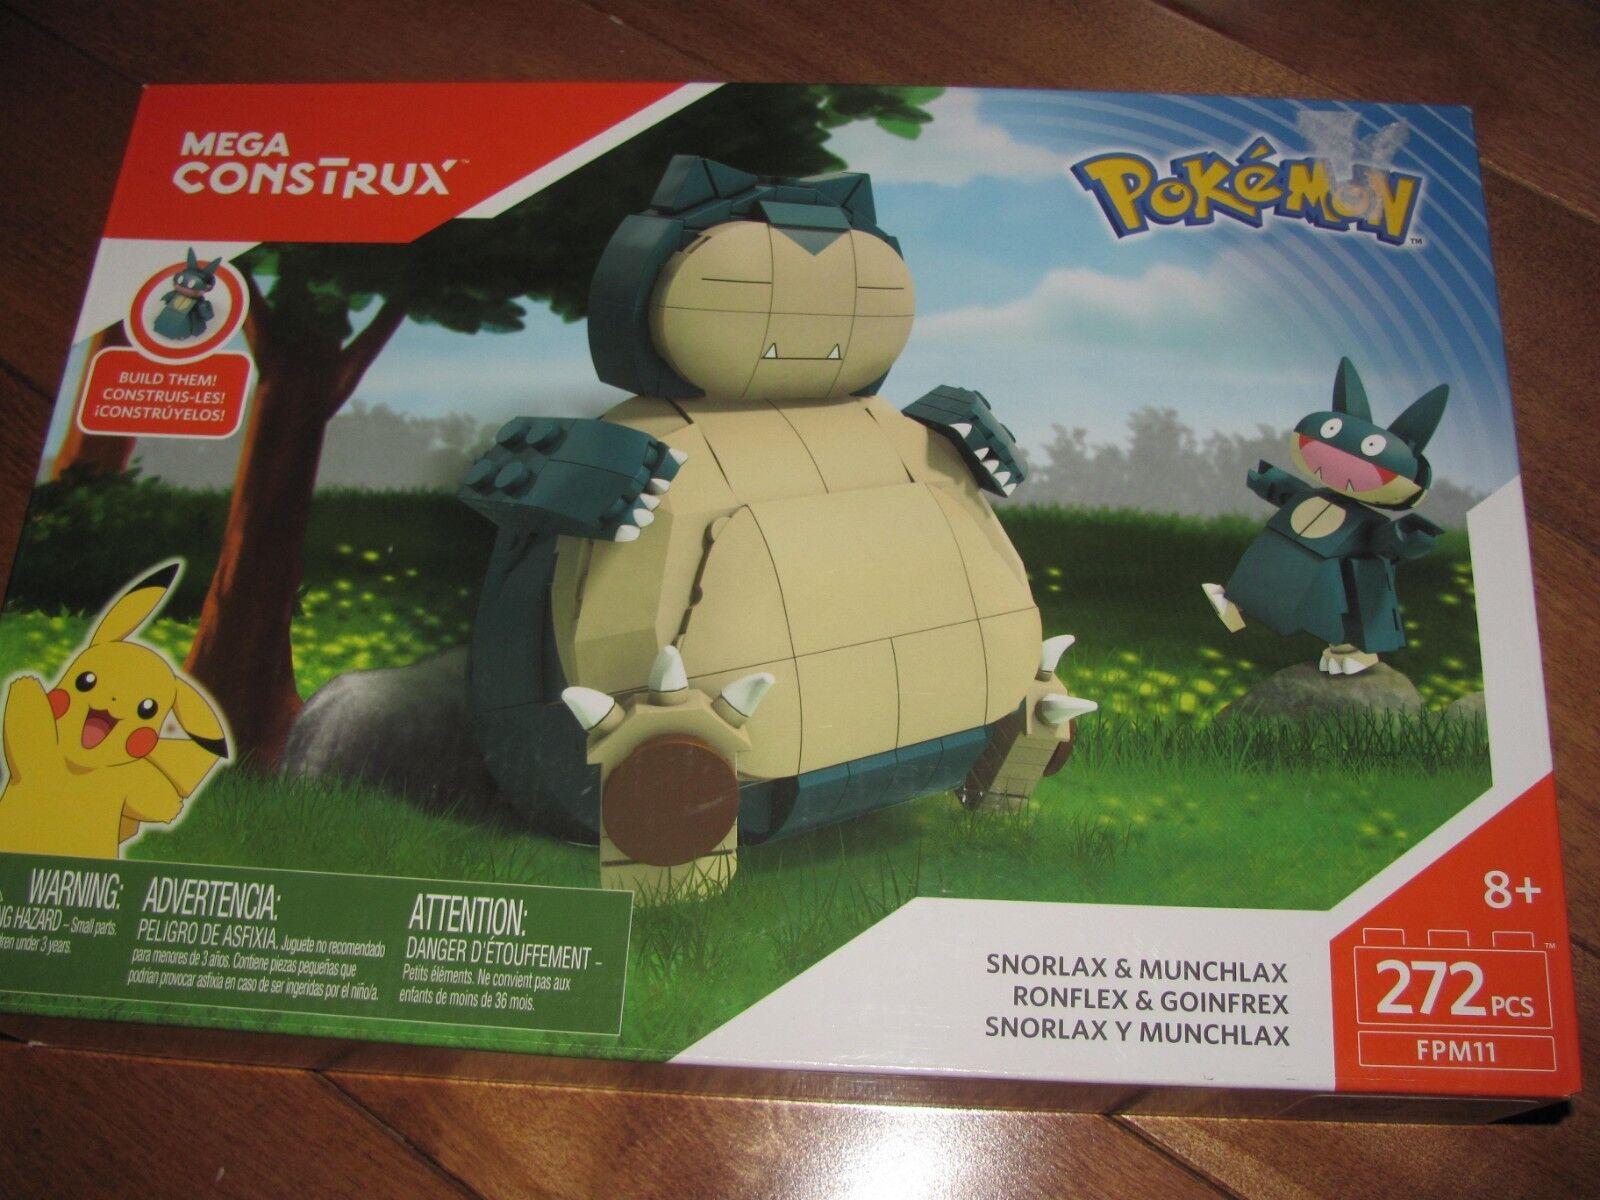 Mega Construx Bloks Pokemon SNORLAX & MUNCHLAX 272 Pcs Pcs Pcs FPM11 NEW f8efb4